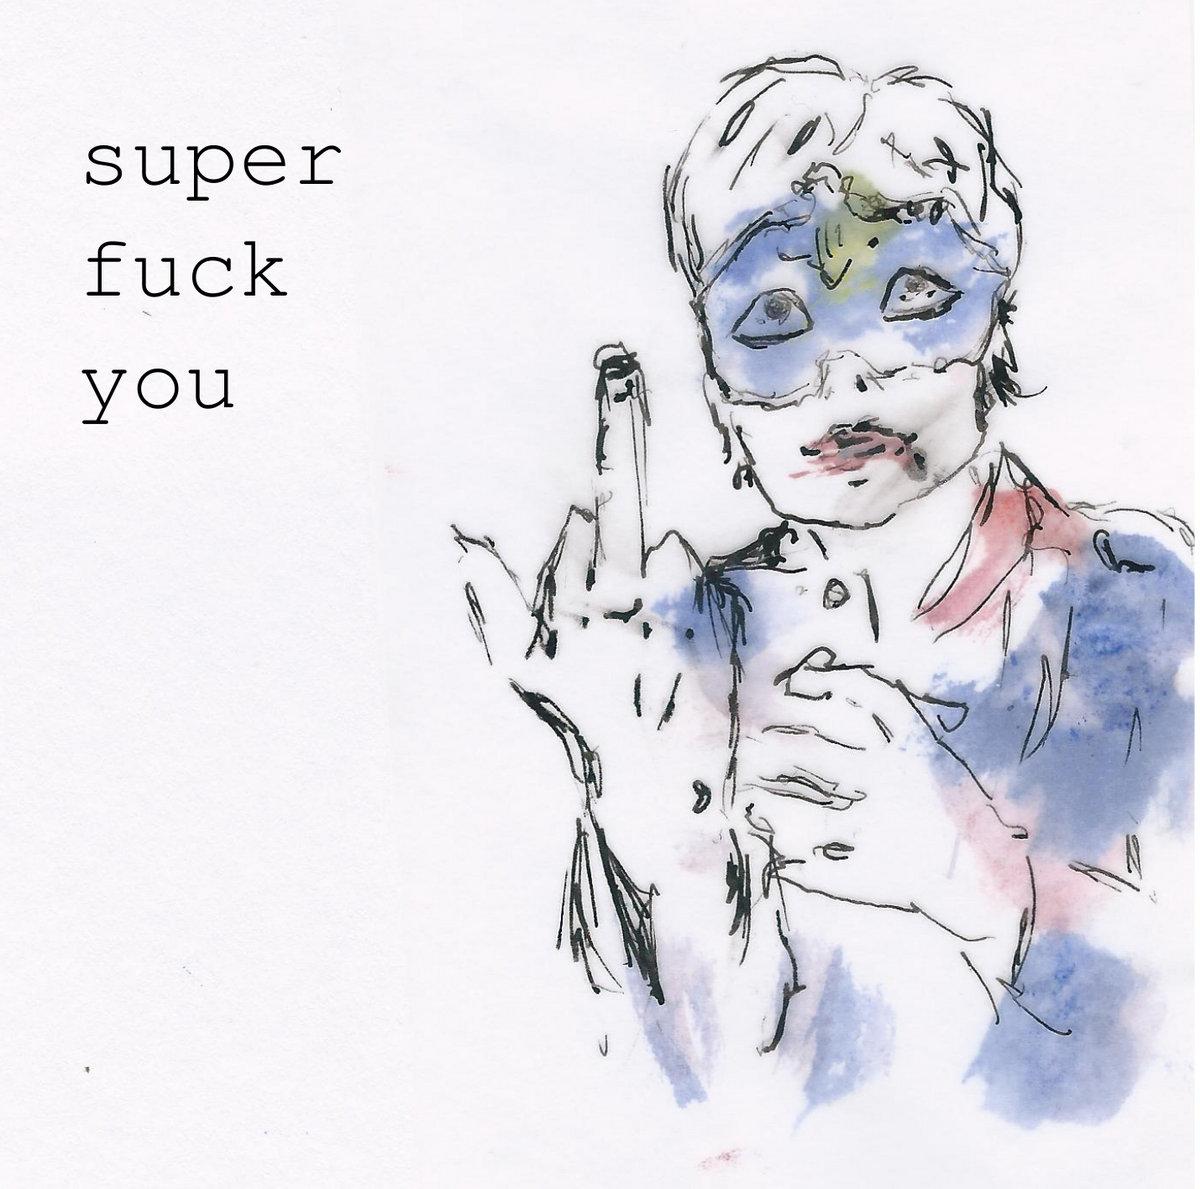 Super Fuck You!